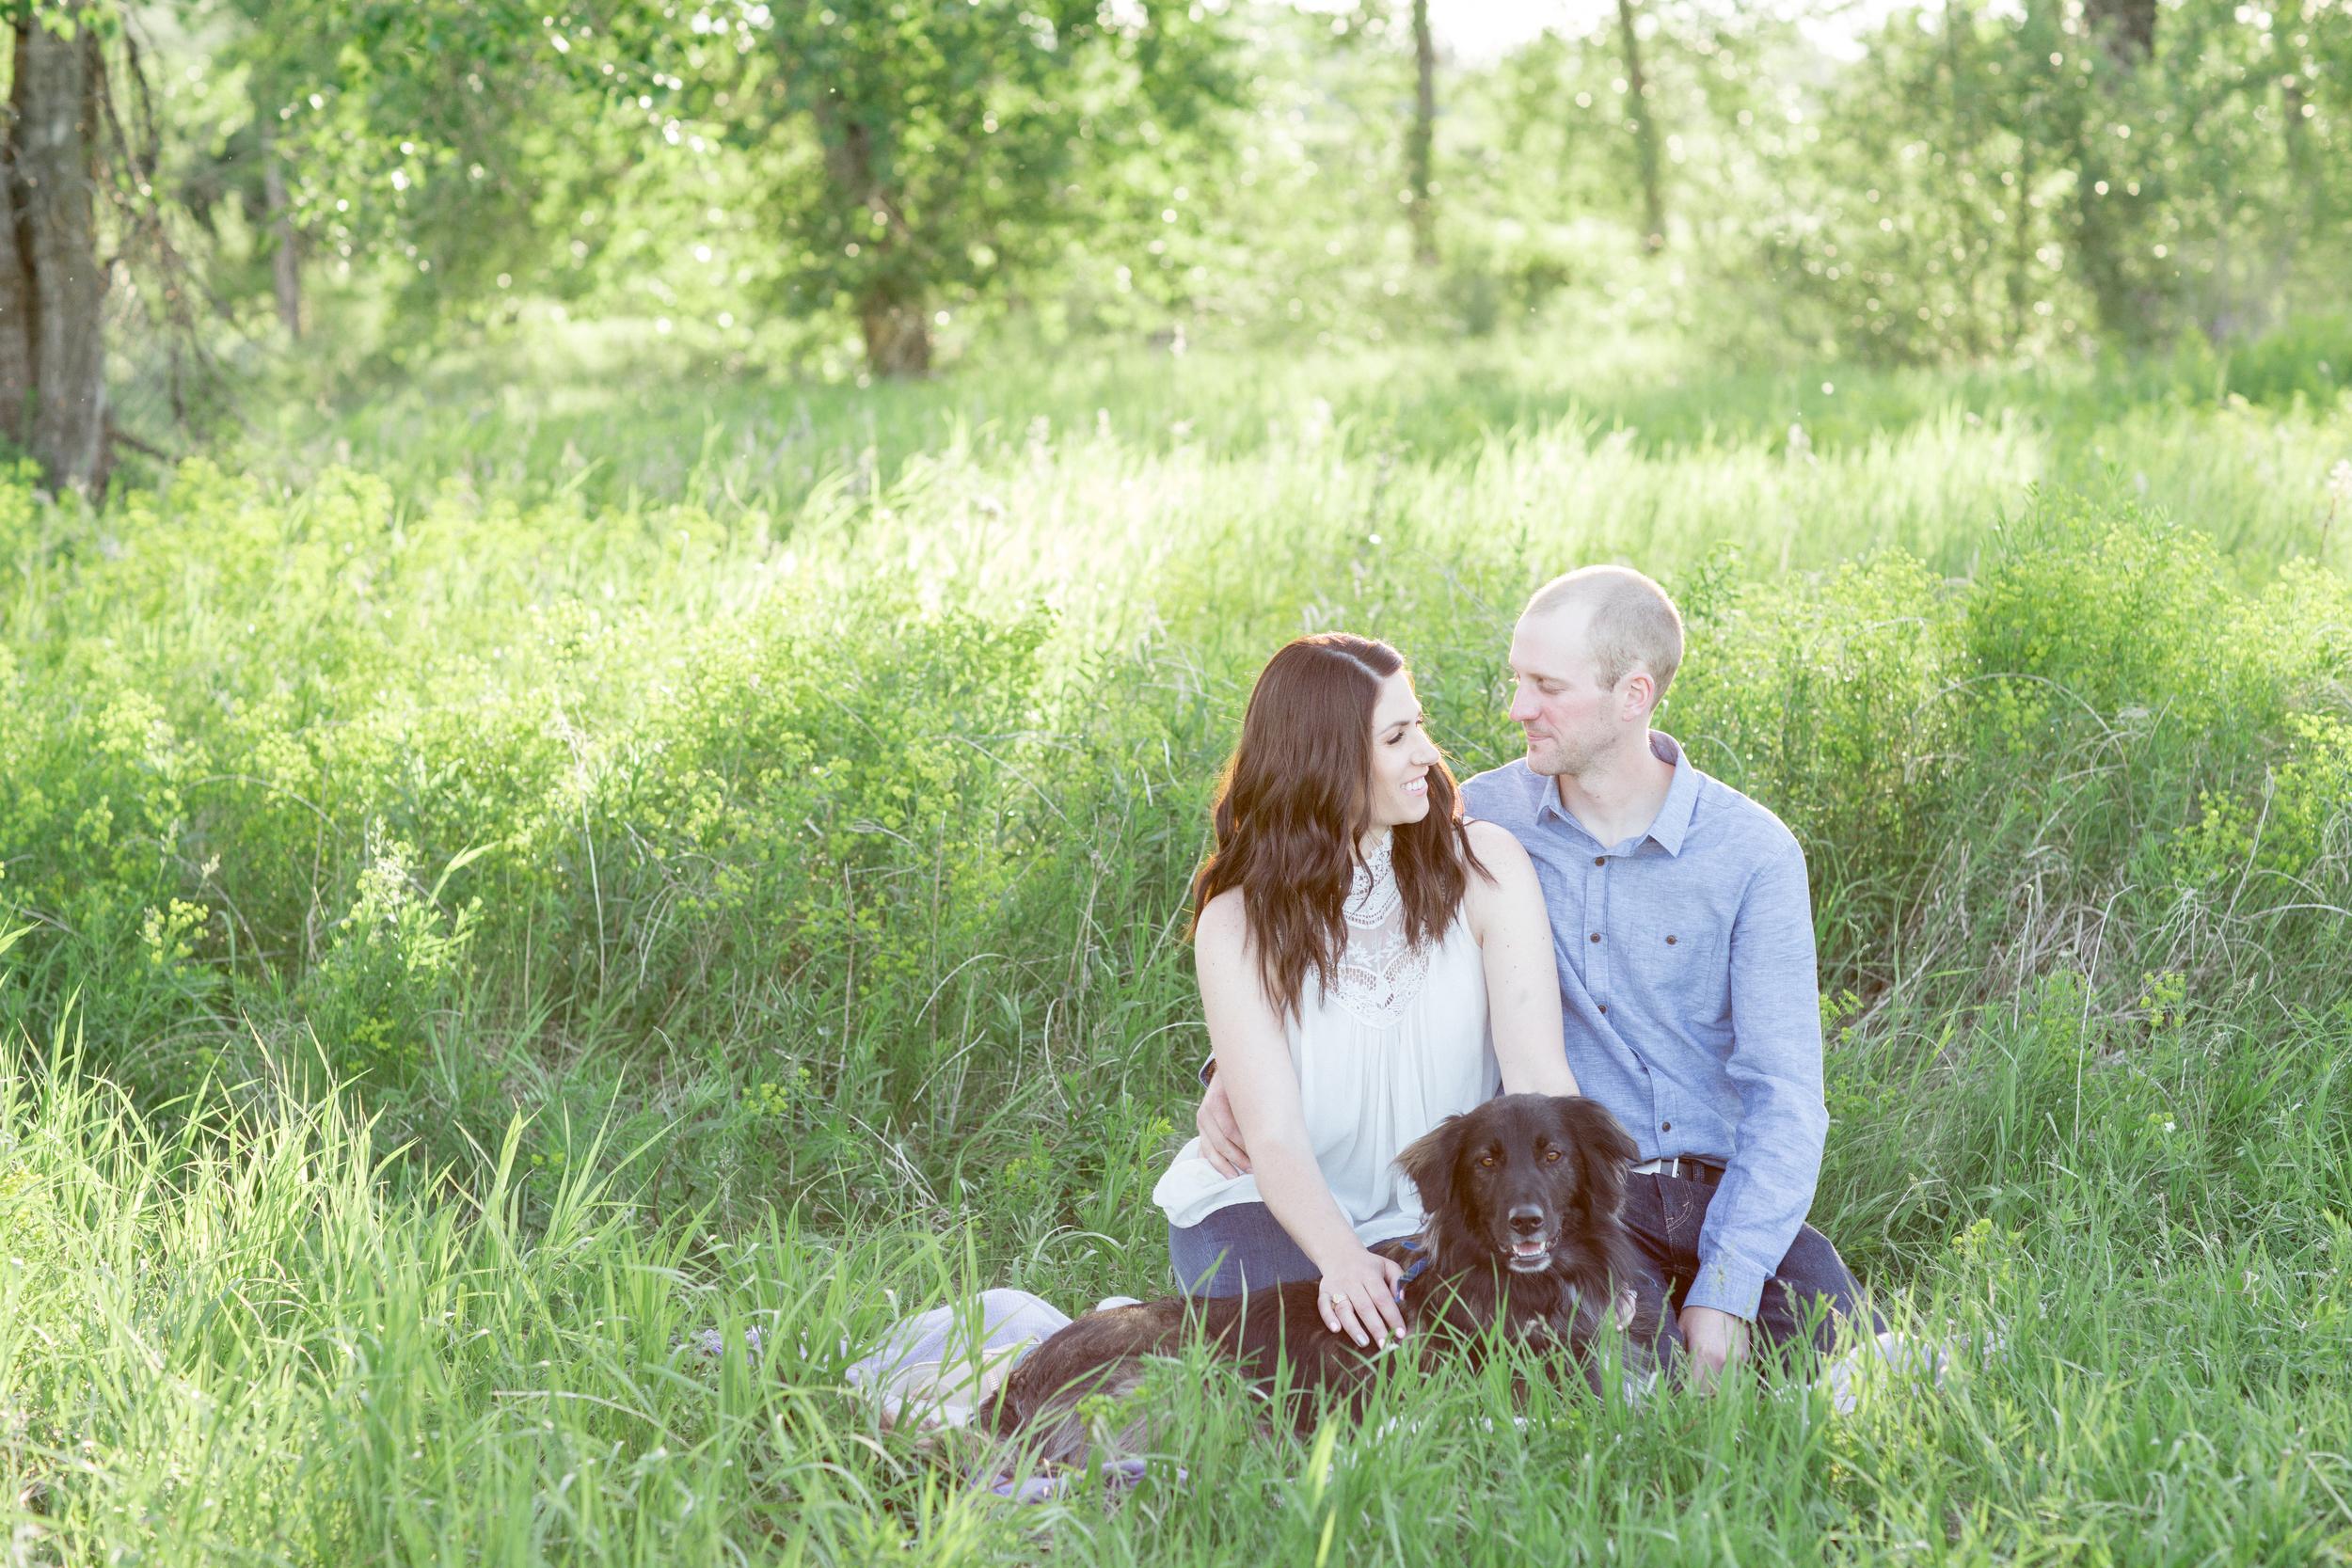 EngagementPhotography_ParrishHousePhotos_AlysonCory_0478.jpg